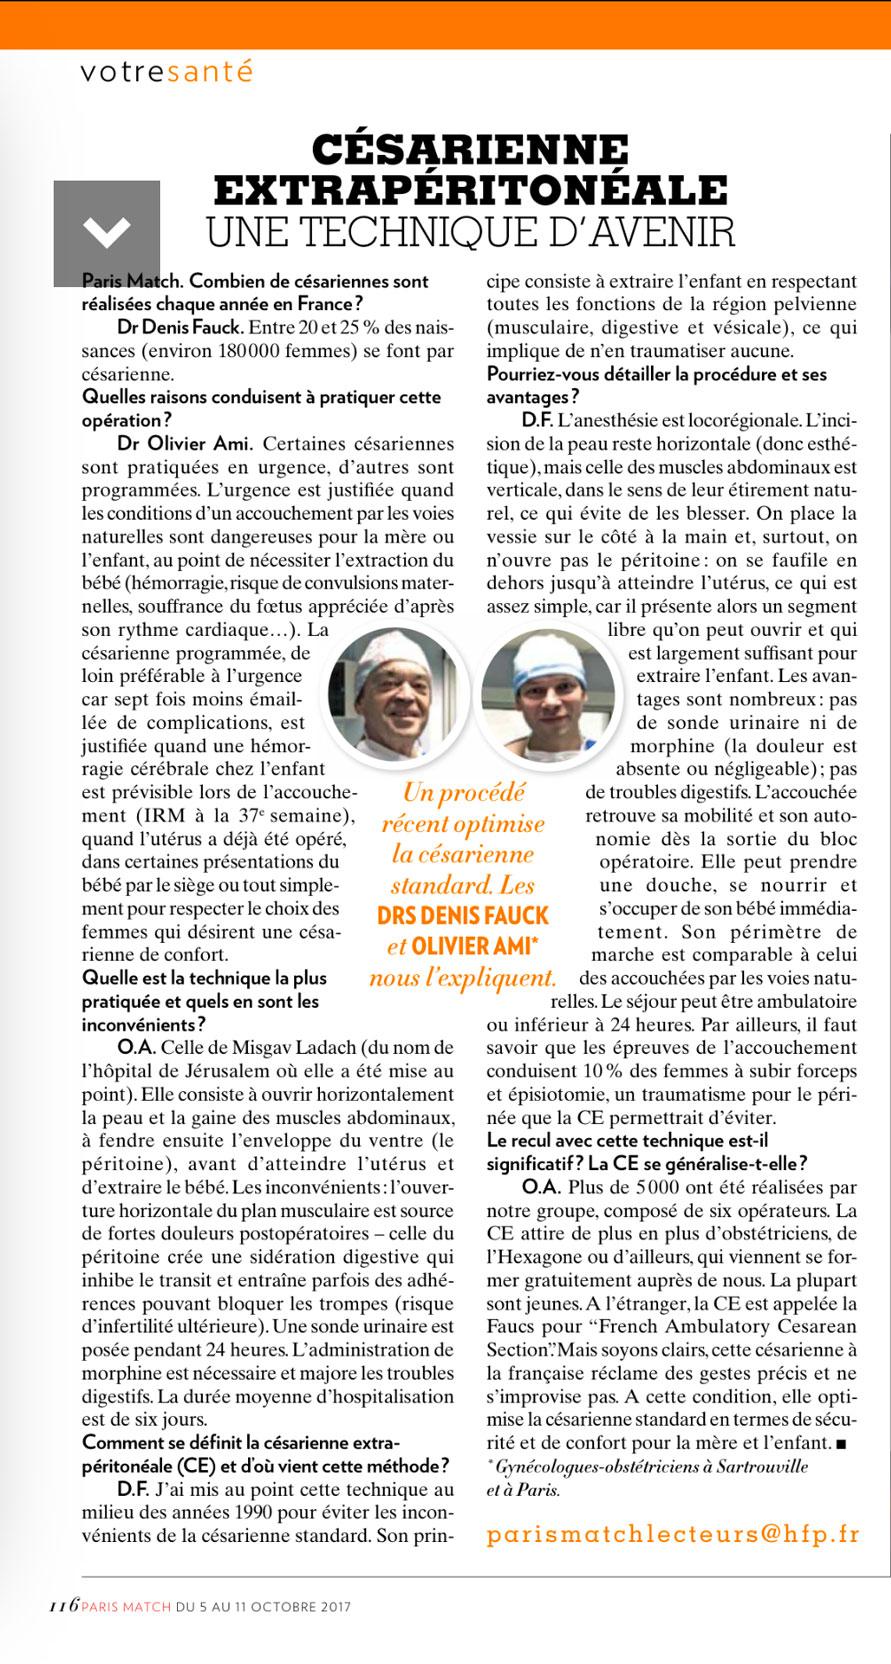 Césarienne extrapéritonéale : une technique d'avenir